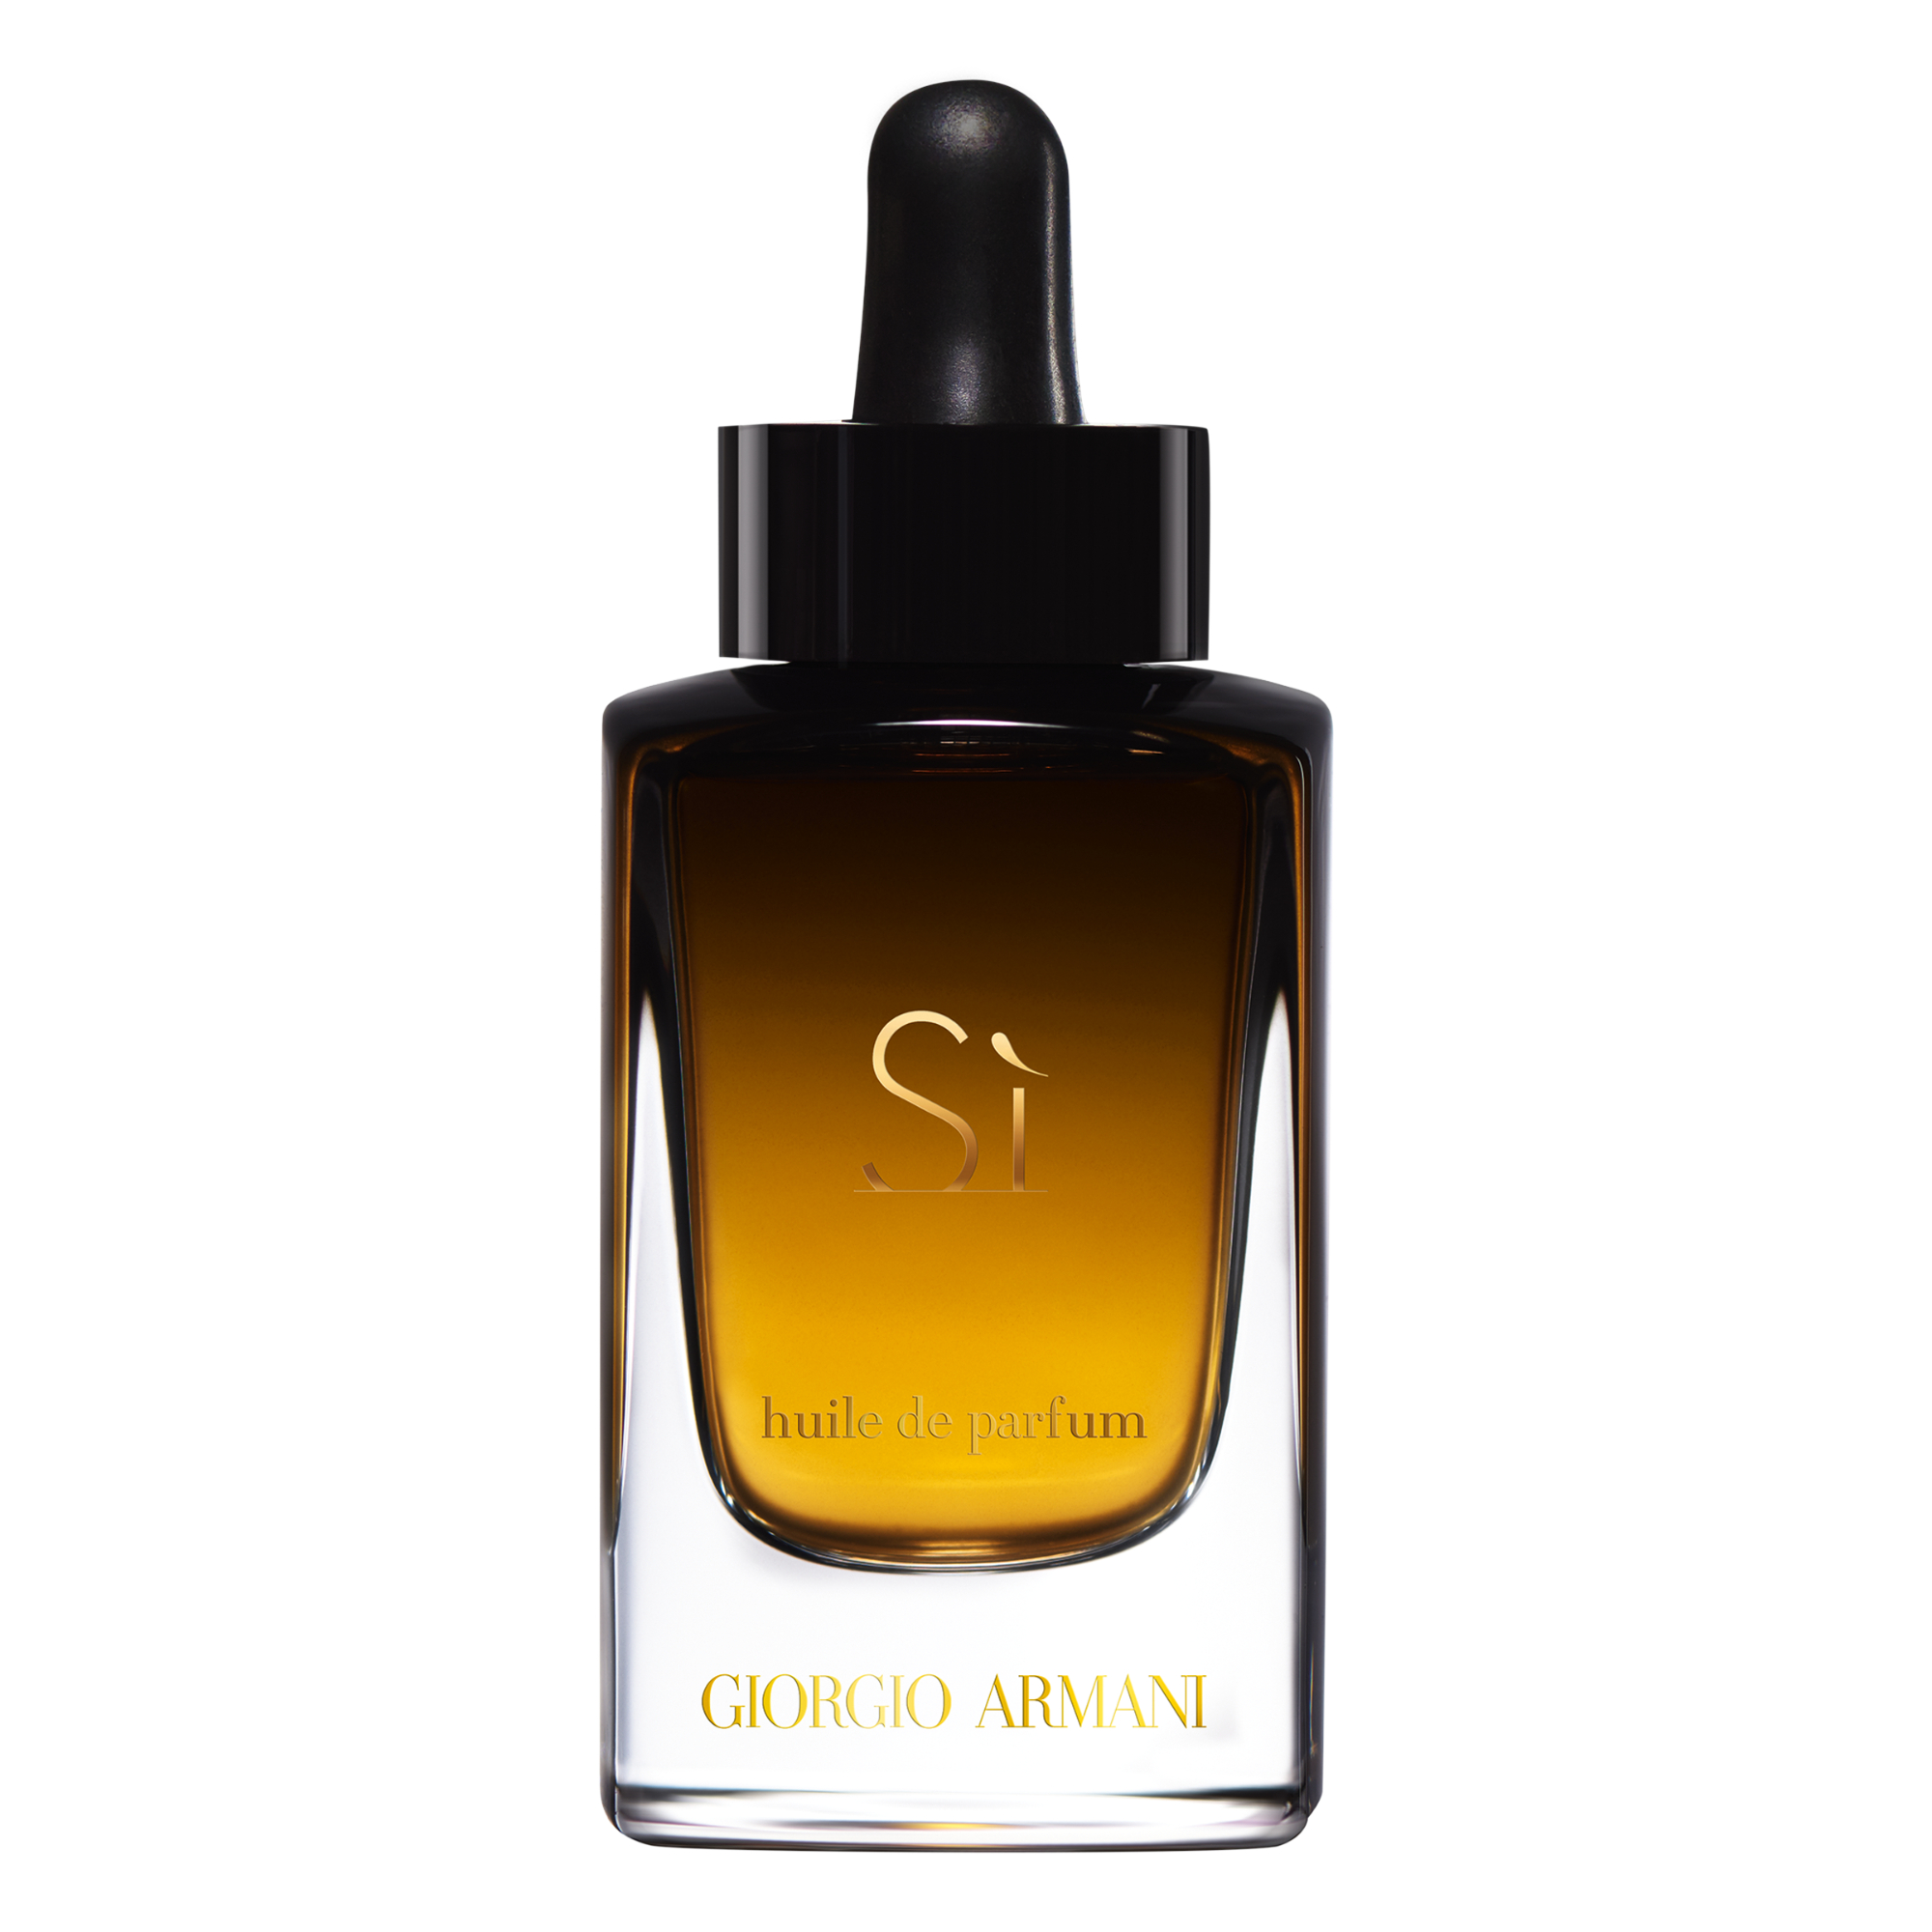 Si Huile de Parfum